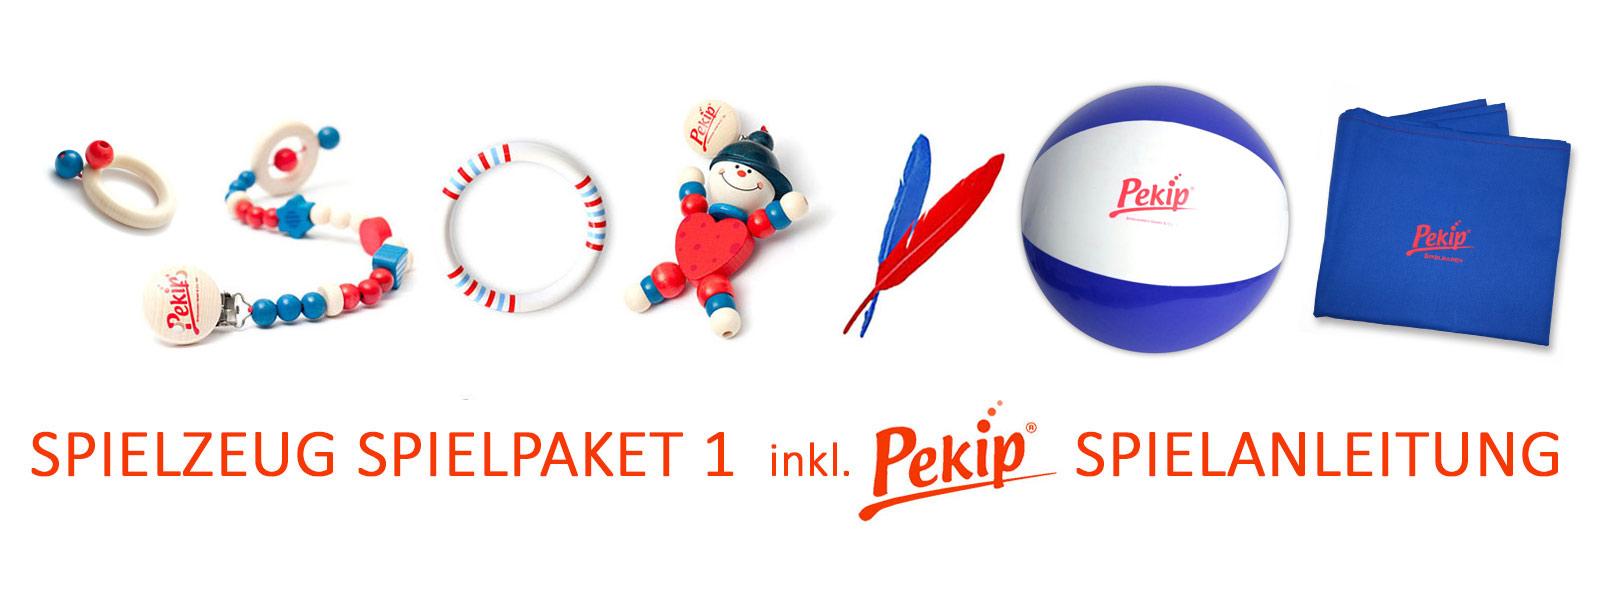 pekip-spielwaren-spielpaktet1-spielzeug-produkte-neu3